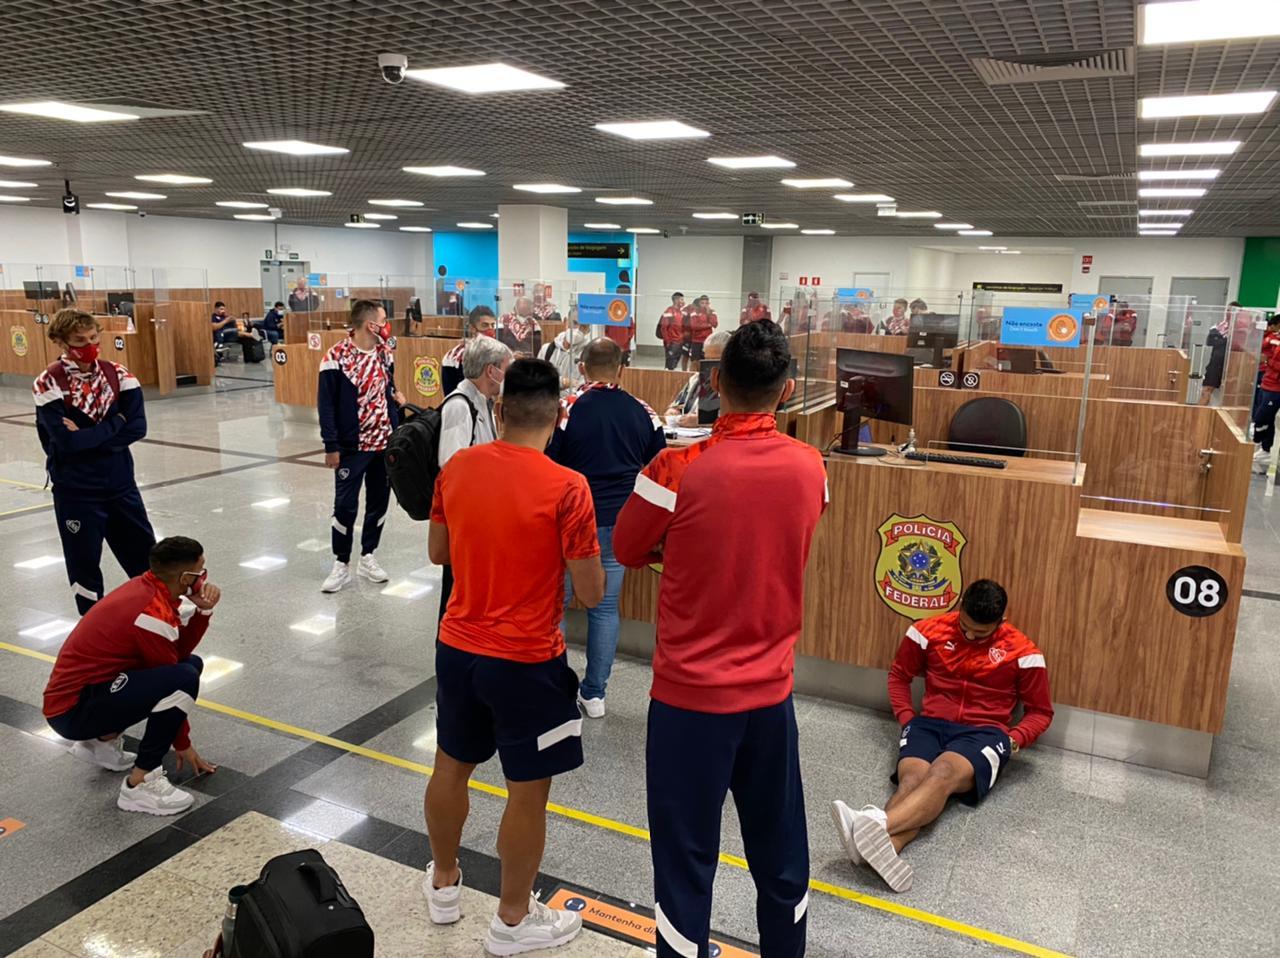 El plantel de Independiente quedó varado mas de cinco horas en un aeropuerto